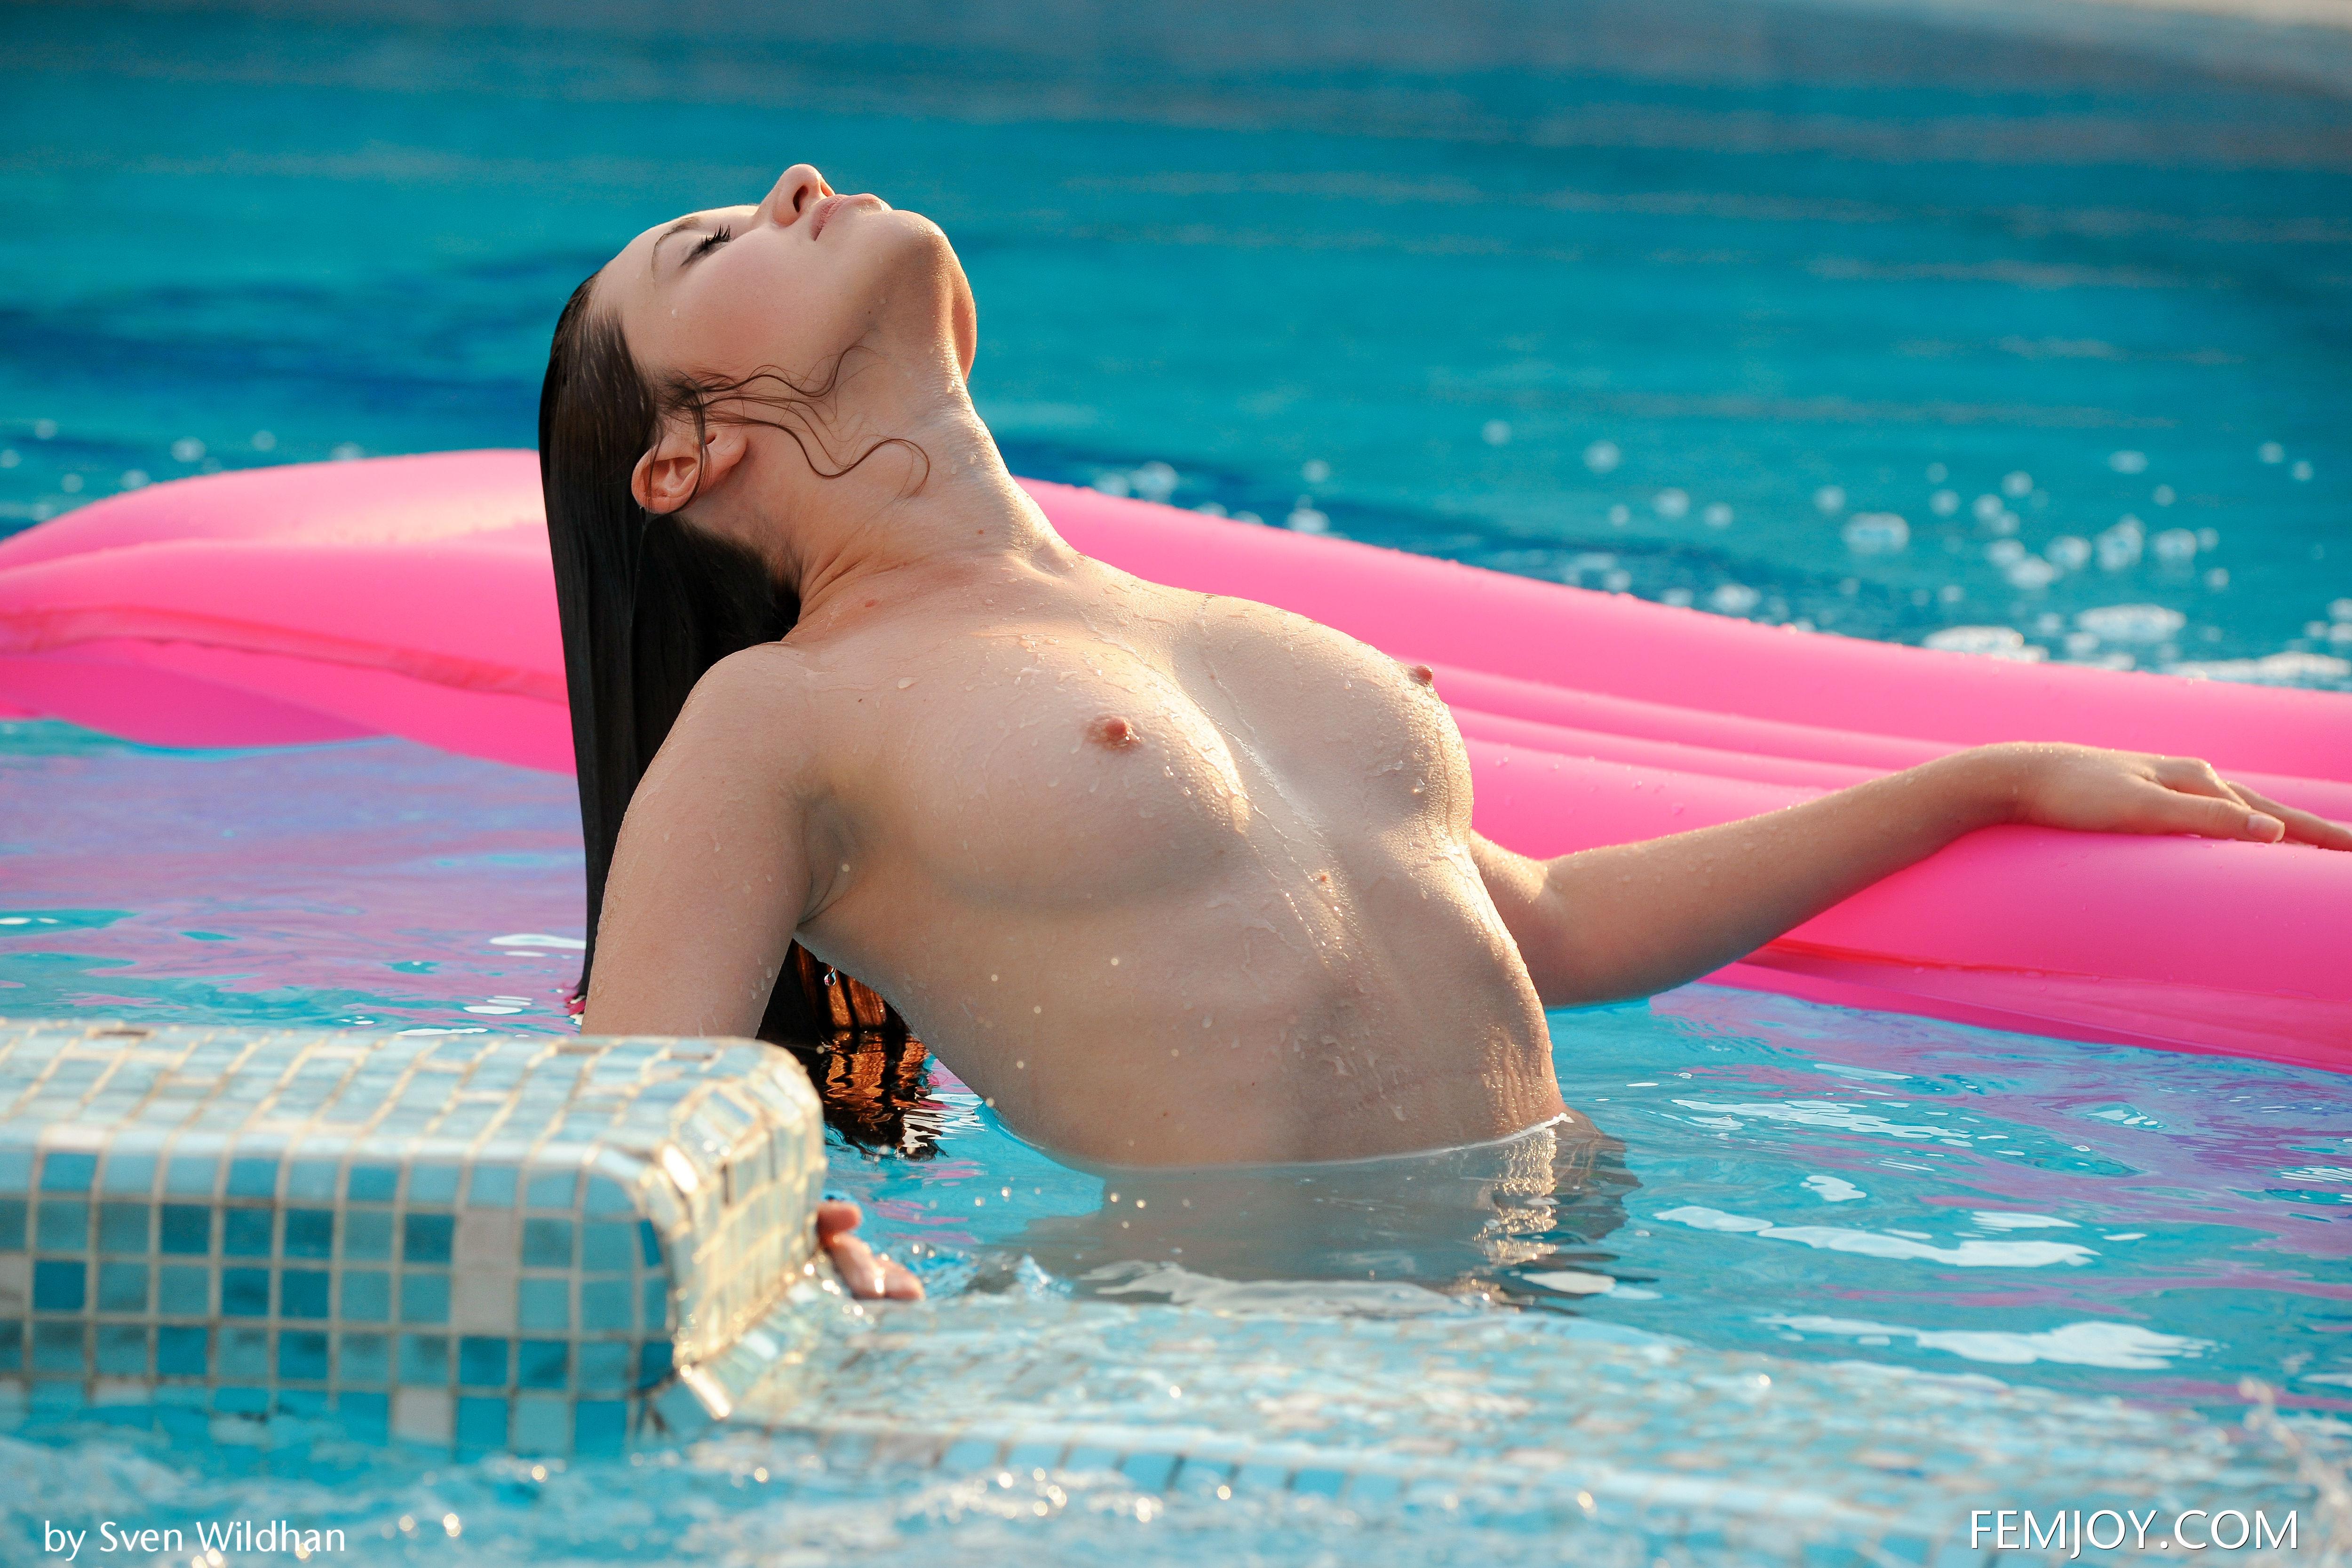 Emily nude in fun